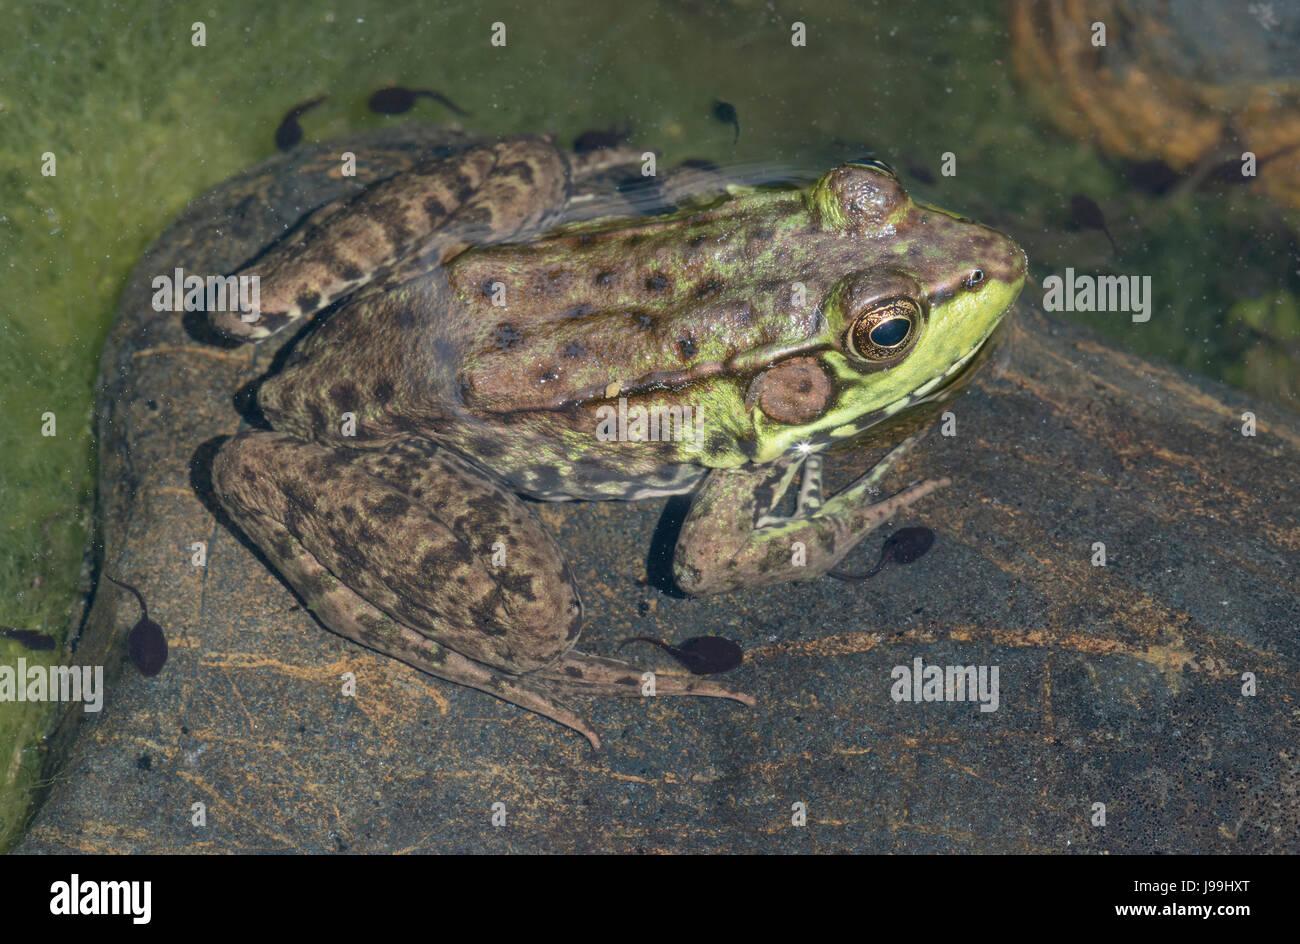 Grenouille verte (Lithobates clamitans) reposant sur le roc en étang, E USA Banque D'Images